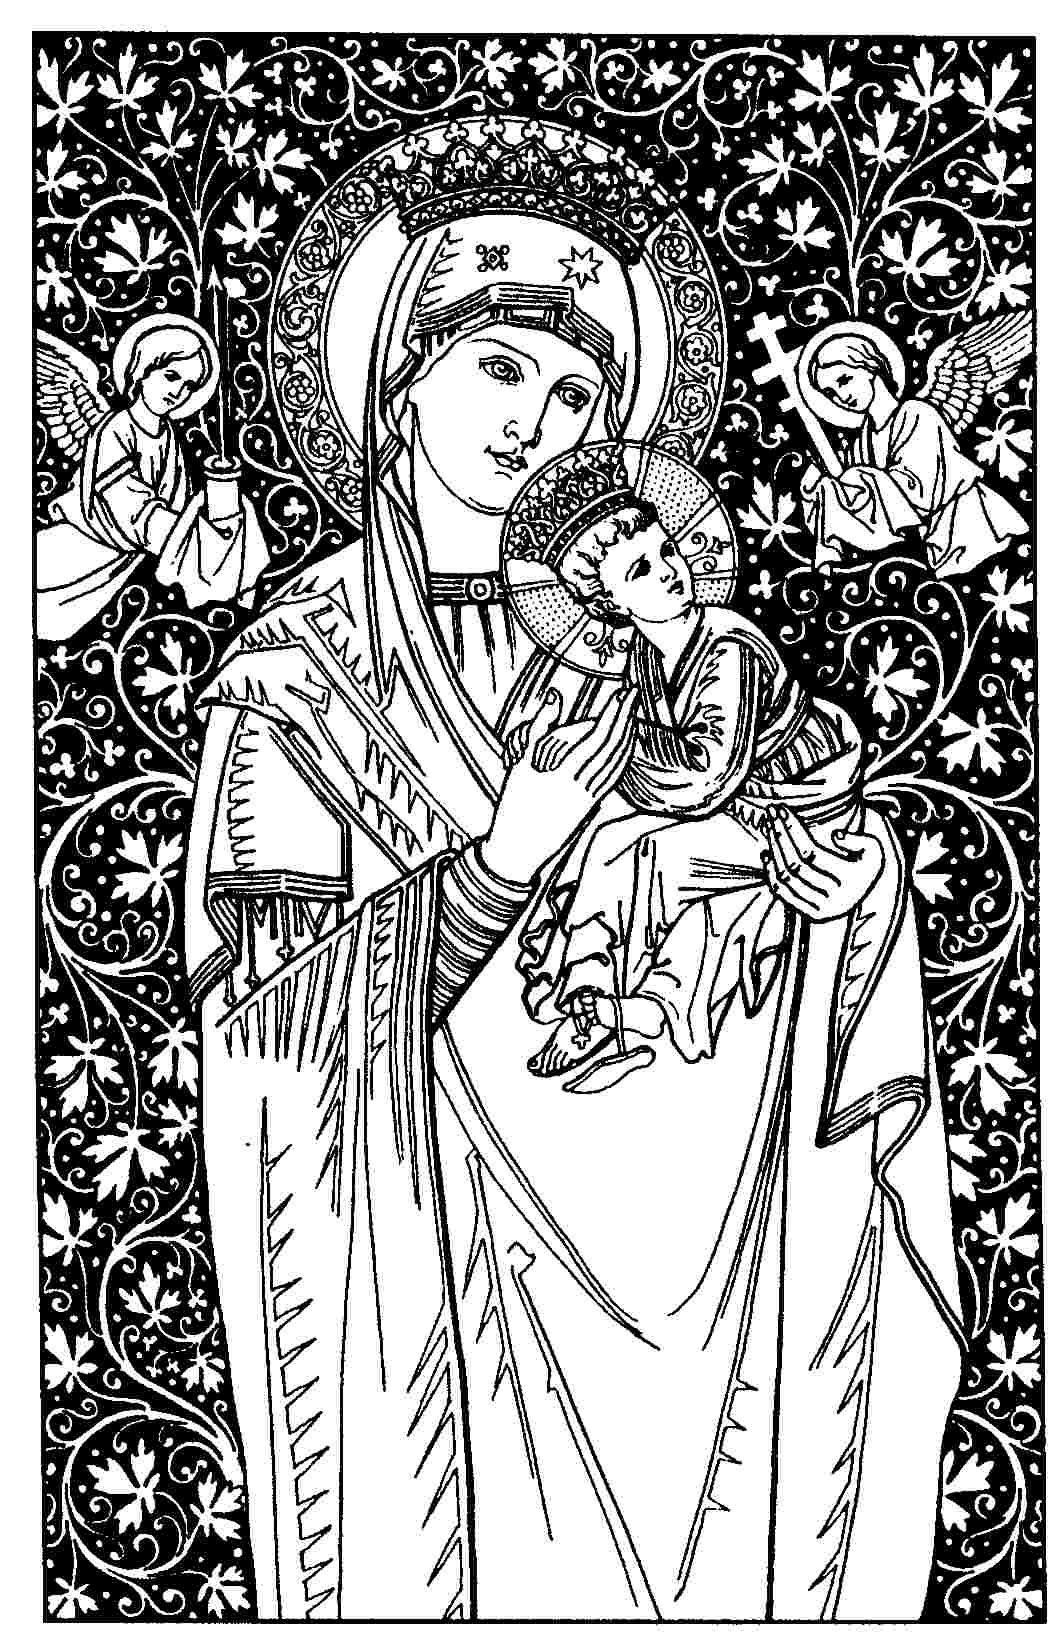 Pin De Deangeles Em Missale Romanum Imagens Catolicas Arte